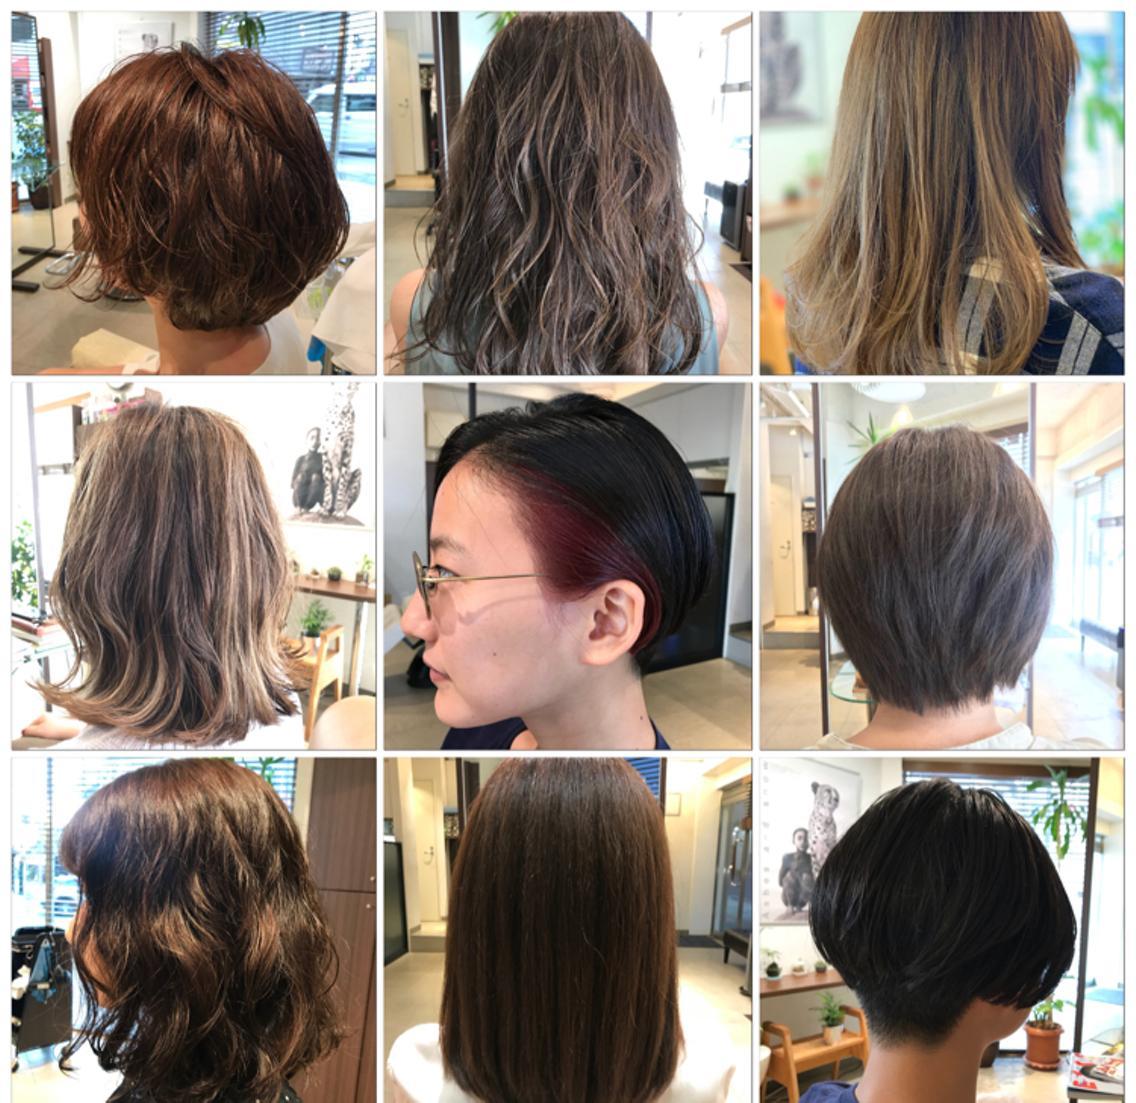 【立川駅南口 徒歩3分】髪のお悩みをご相談ください☺︎ご新規のご来店のお客様30%OFF✂︎♡